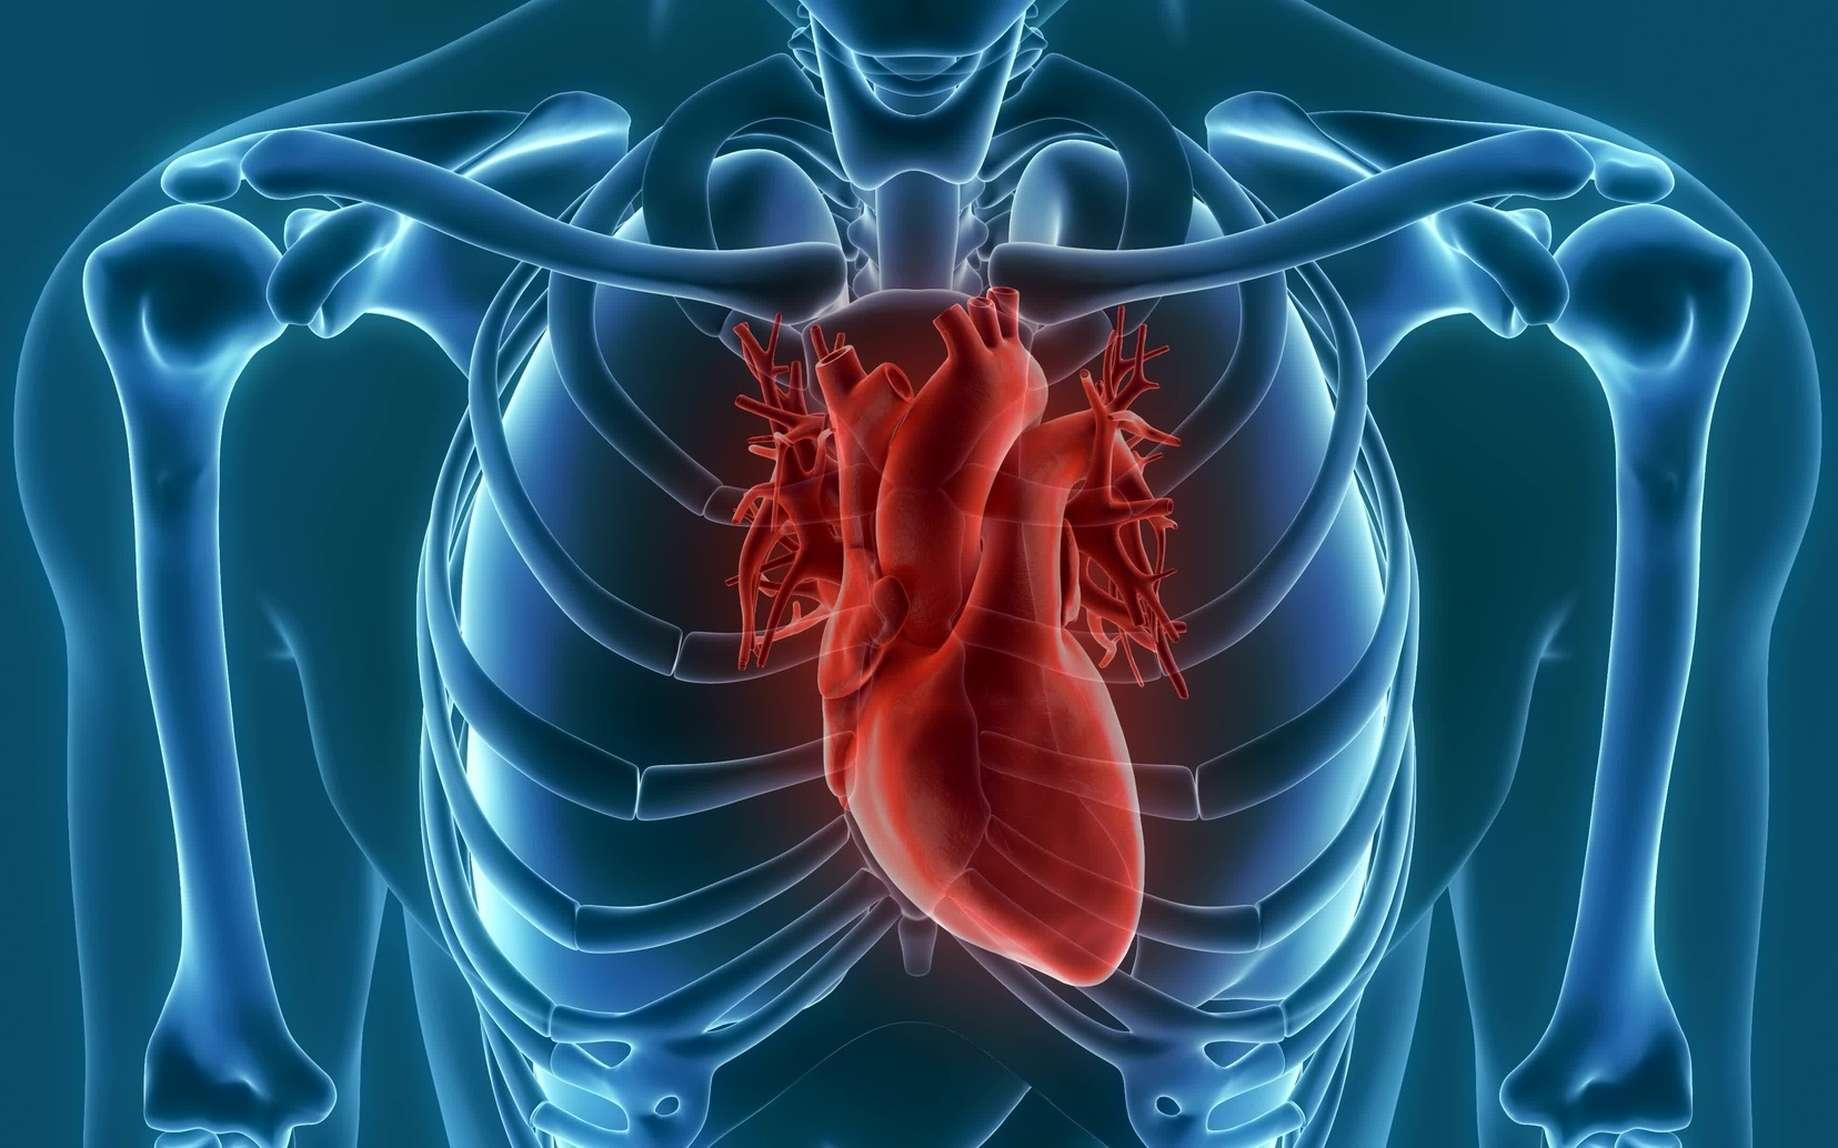 Le cœur artificiel de Carmat vise à pallier au problème de manque de donneurs pour des patients souffrant de graves insuffisances cardiaques. © unlimit3d, Fotolia